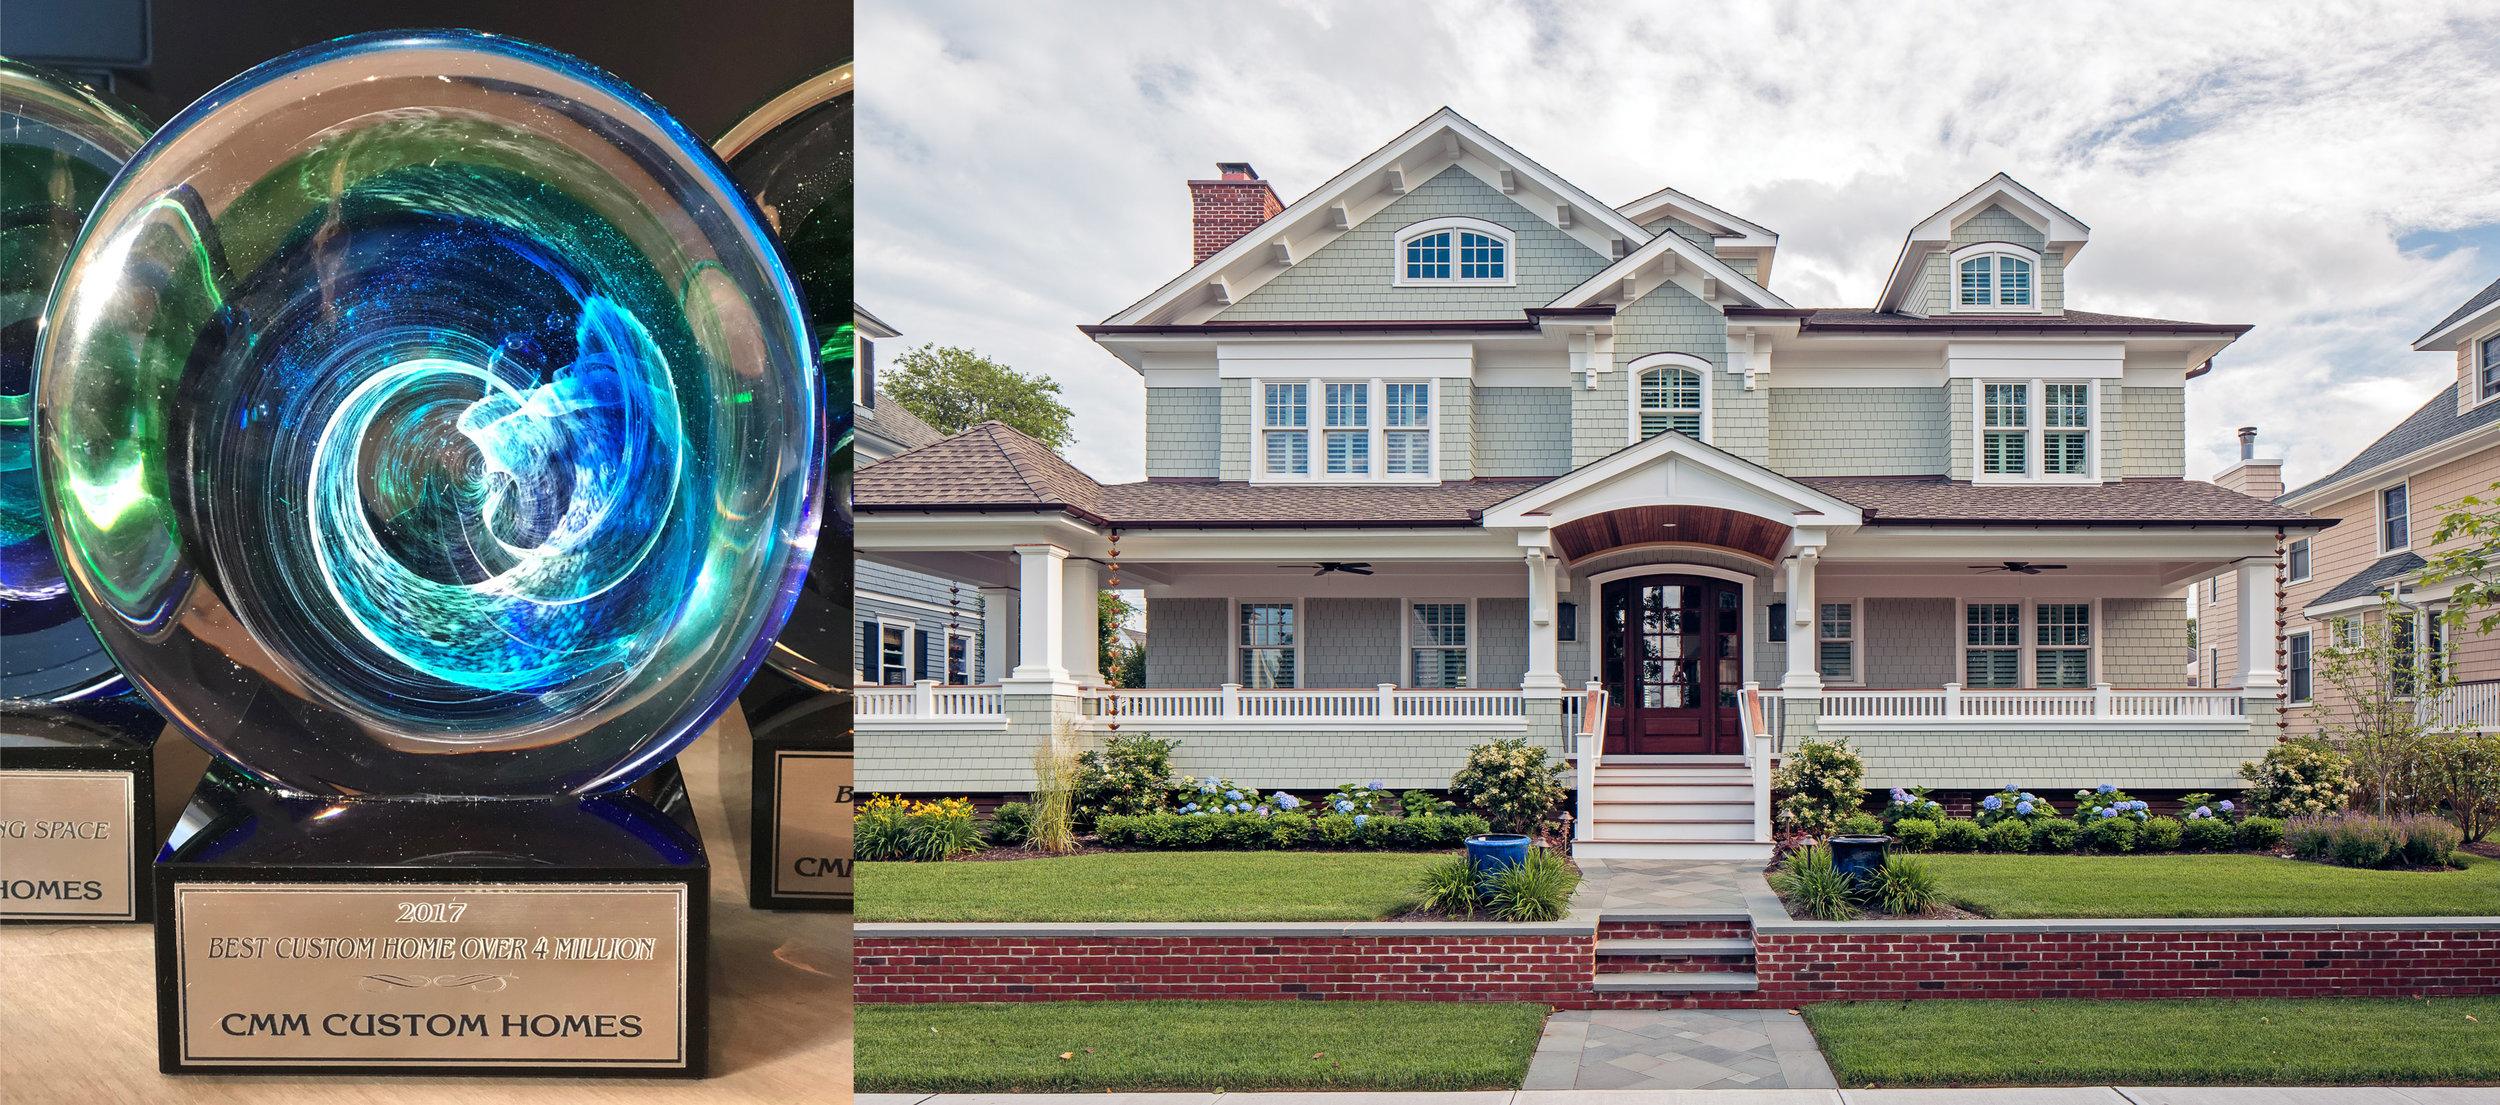 CMM custom Homes Avon.jpg